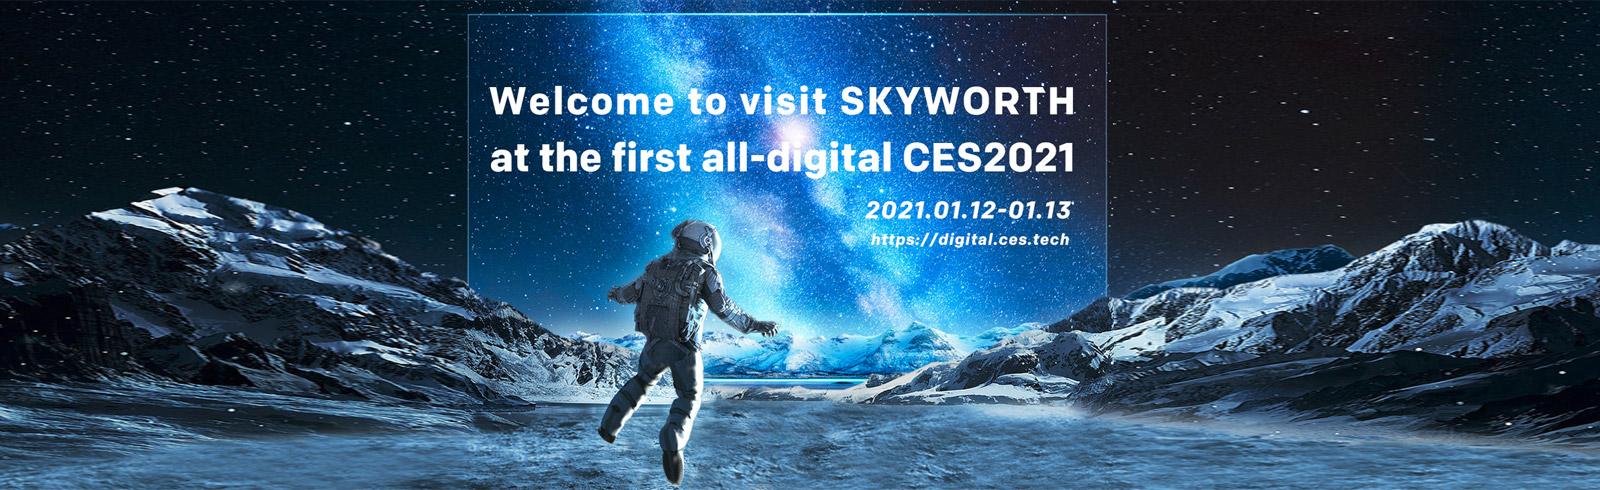 2021 Skyworth TV are presented, including 4K OLED models